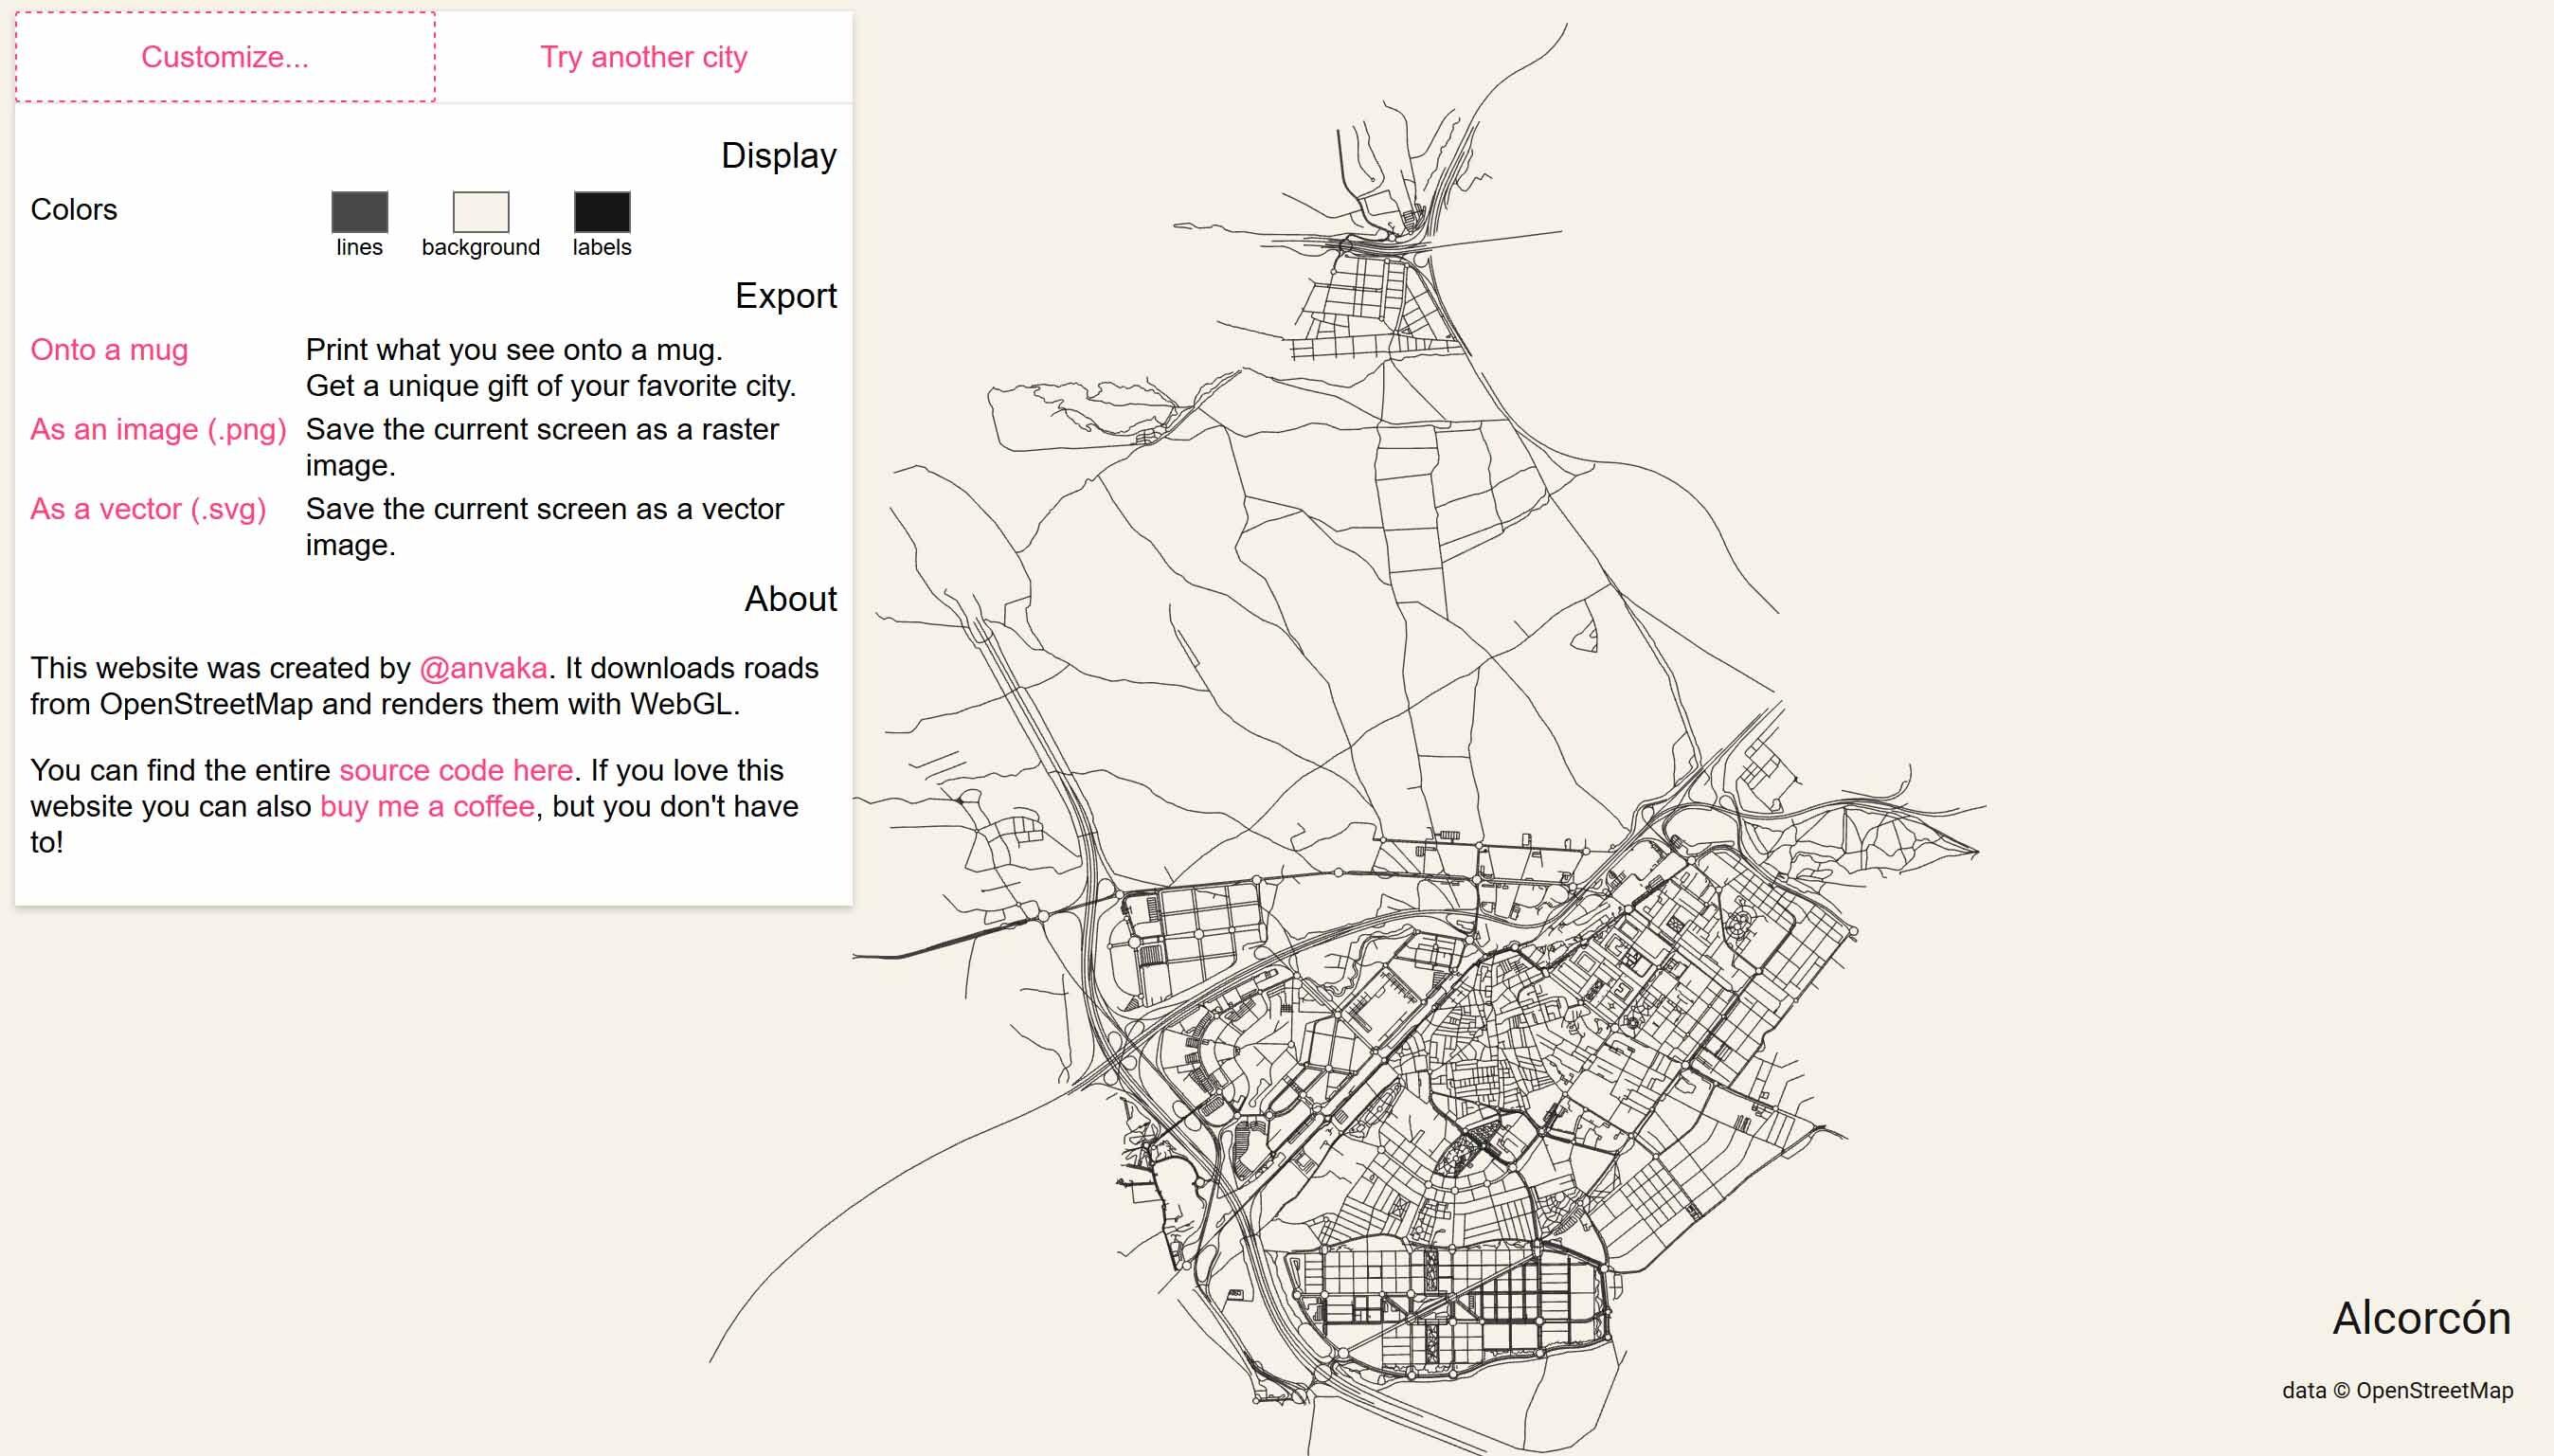 Mapa ciudad Alcorcón